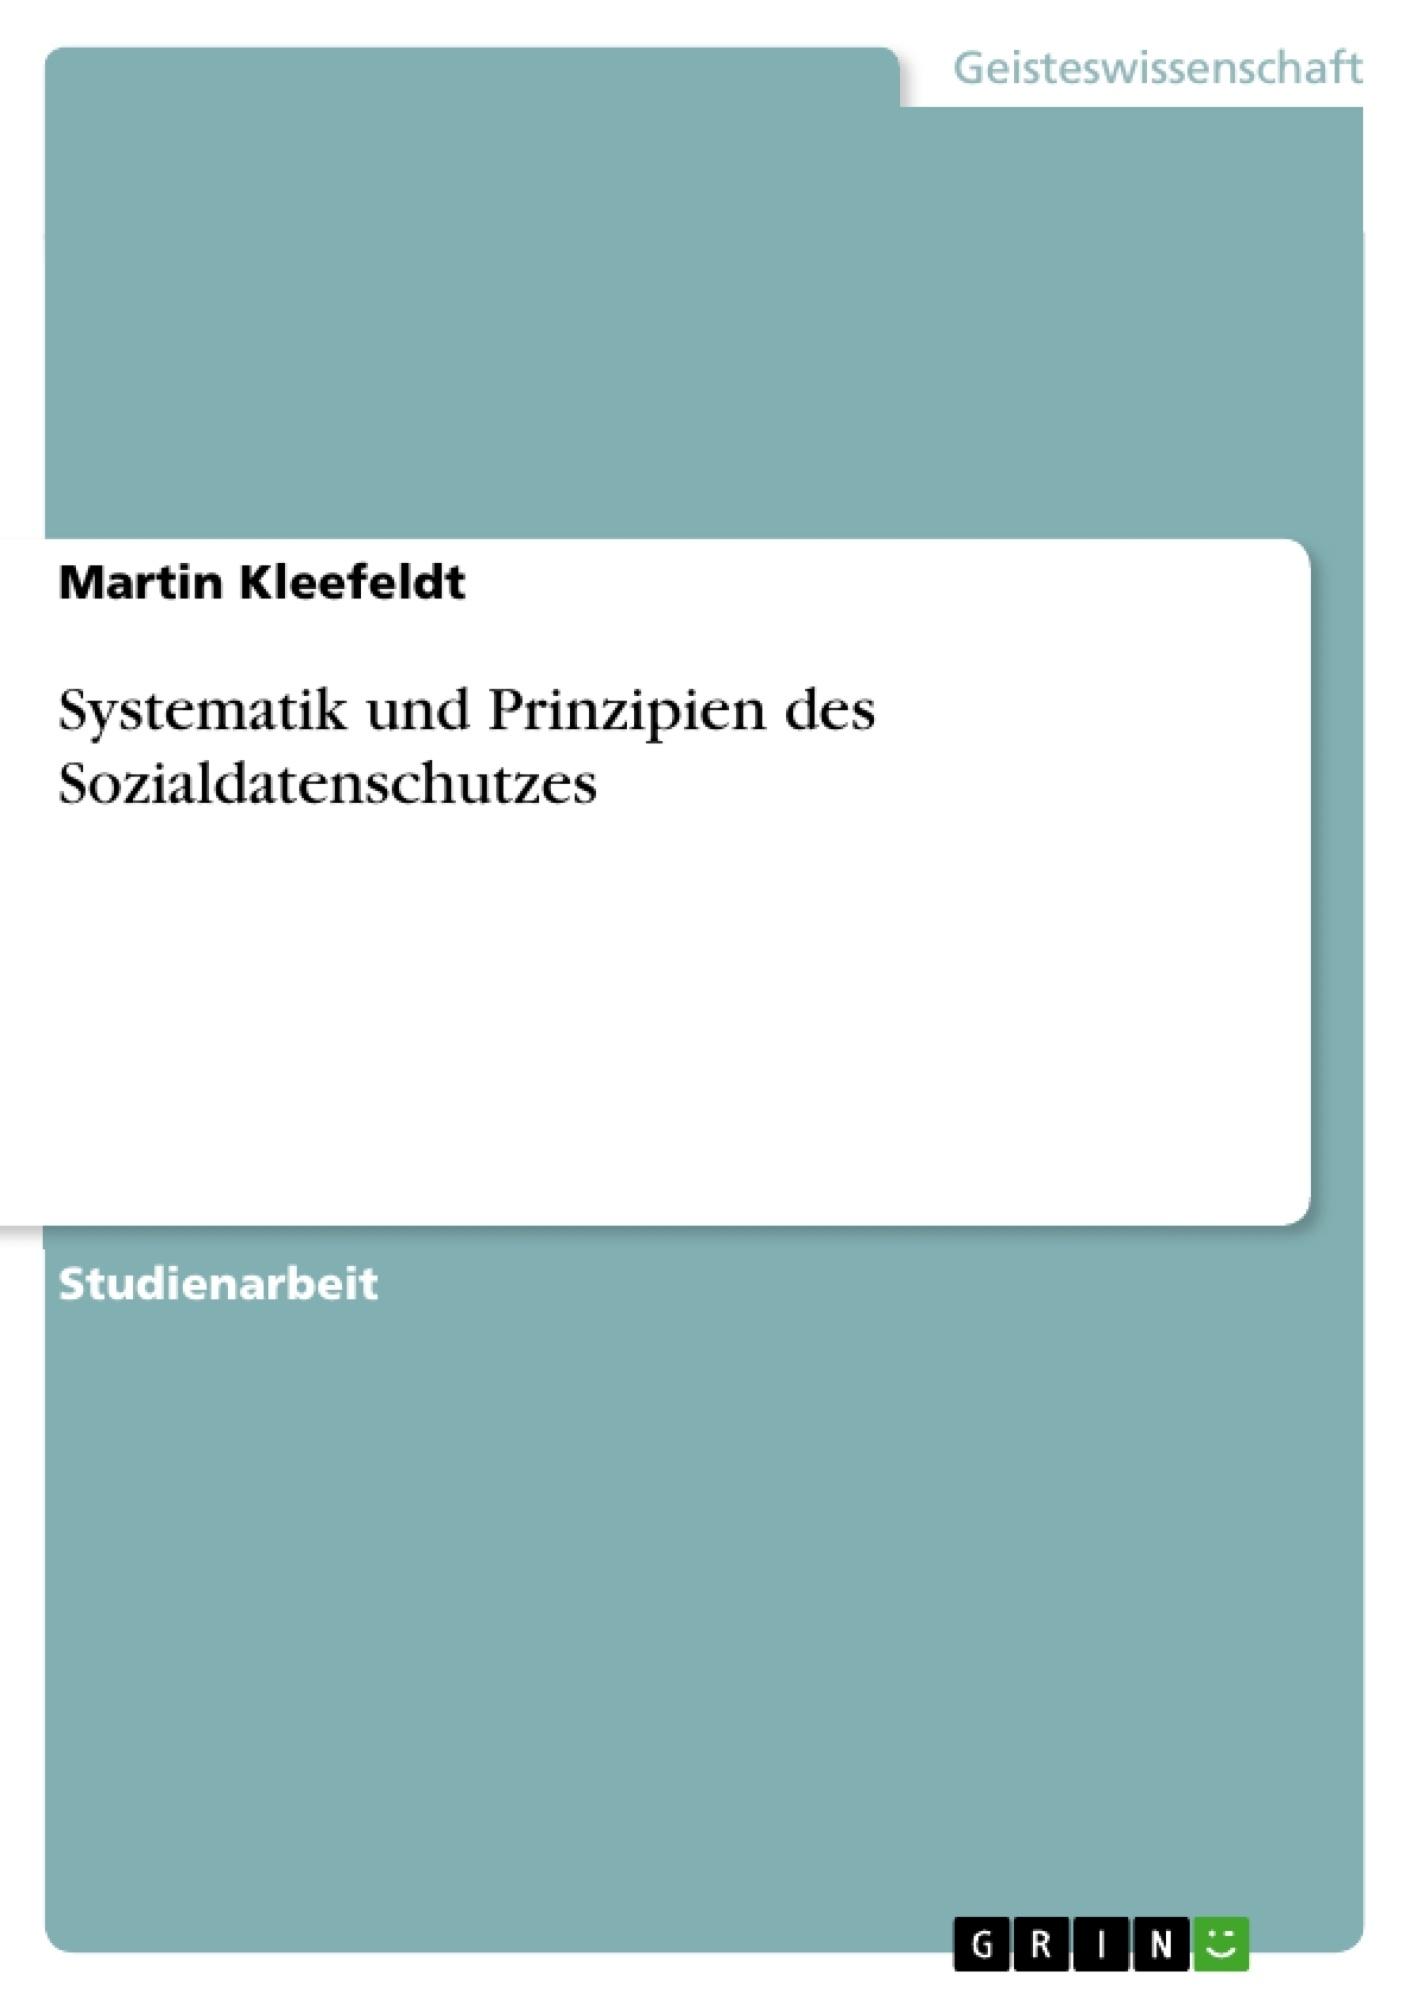 Titel: Systematik und Prinzipien des Sozialdatenschutzes